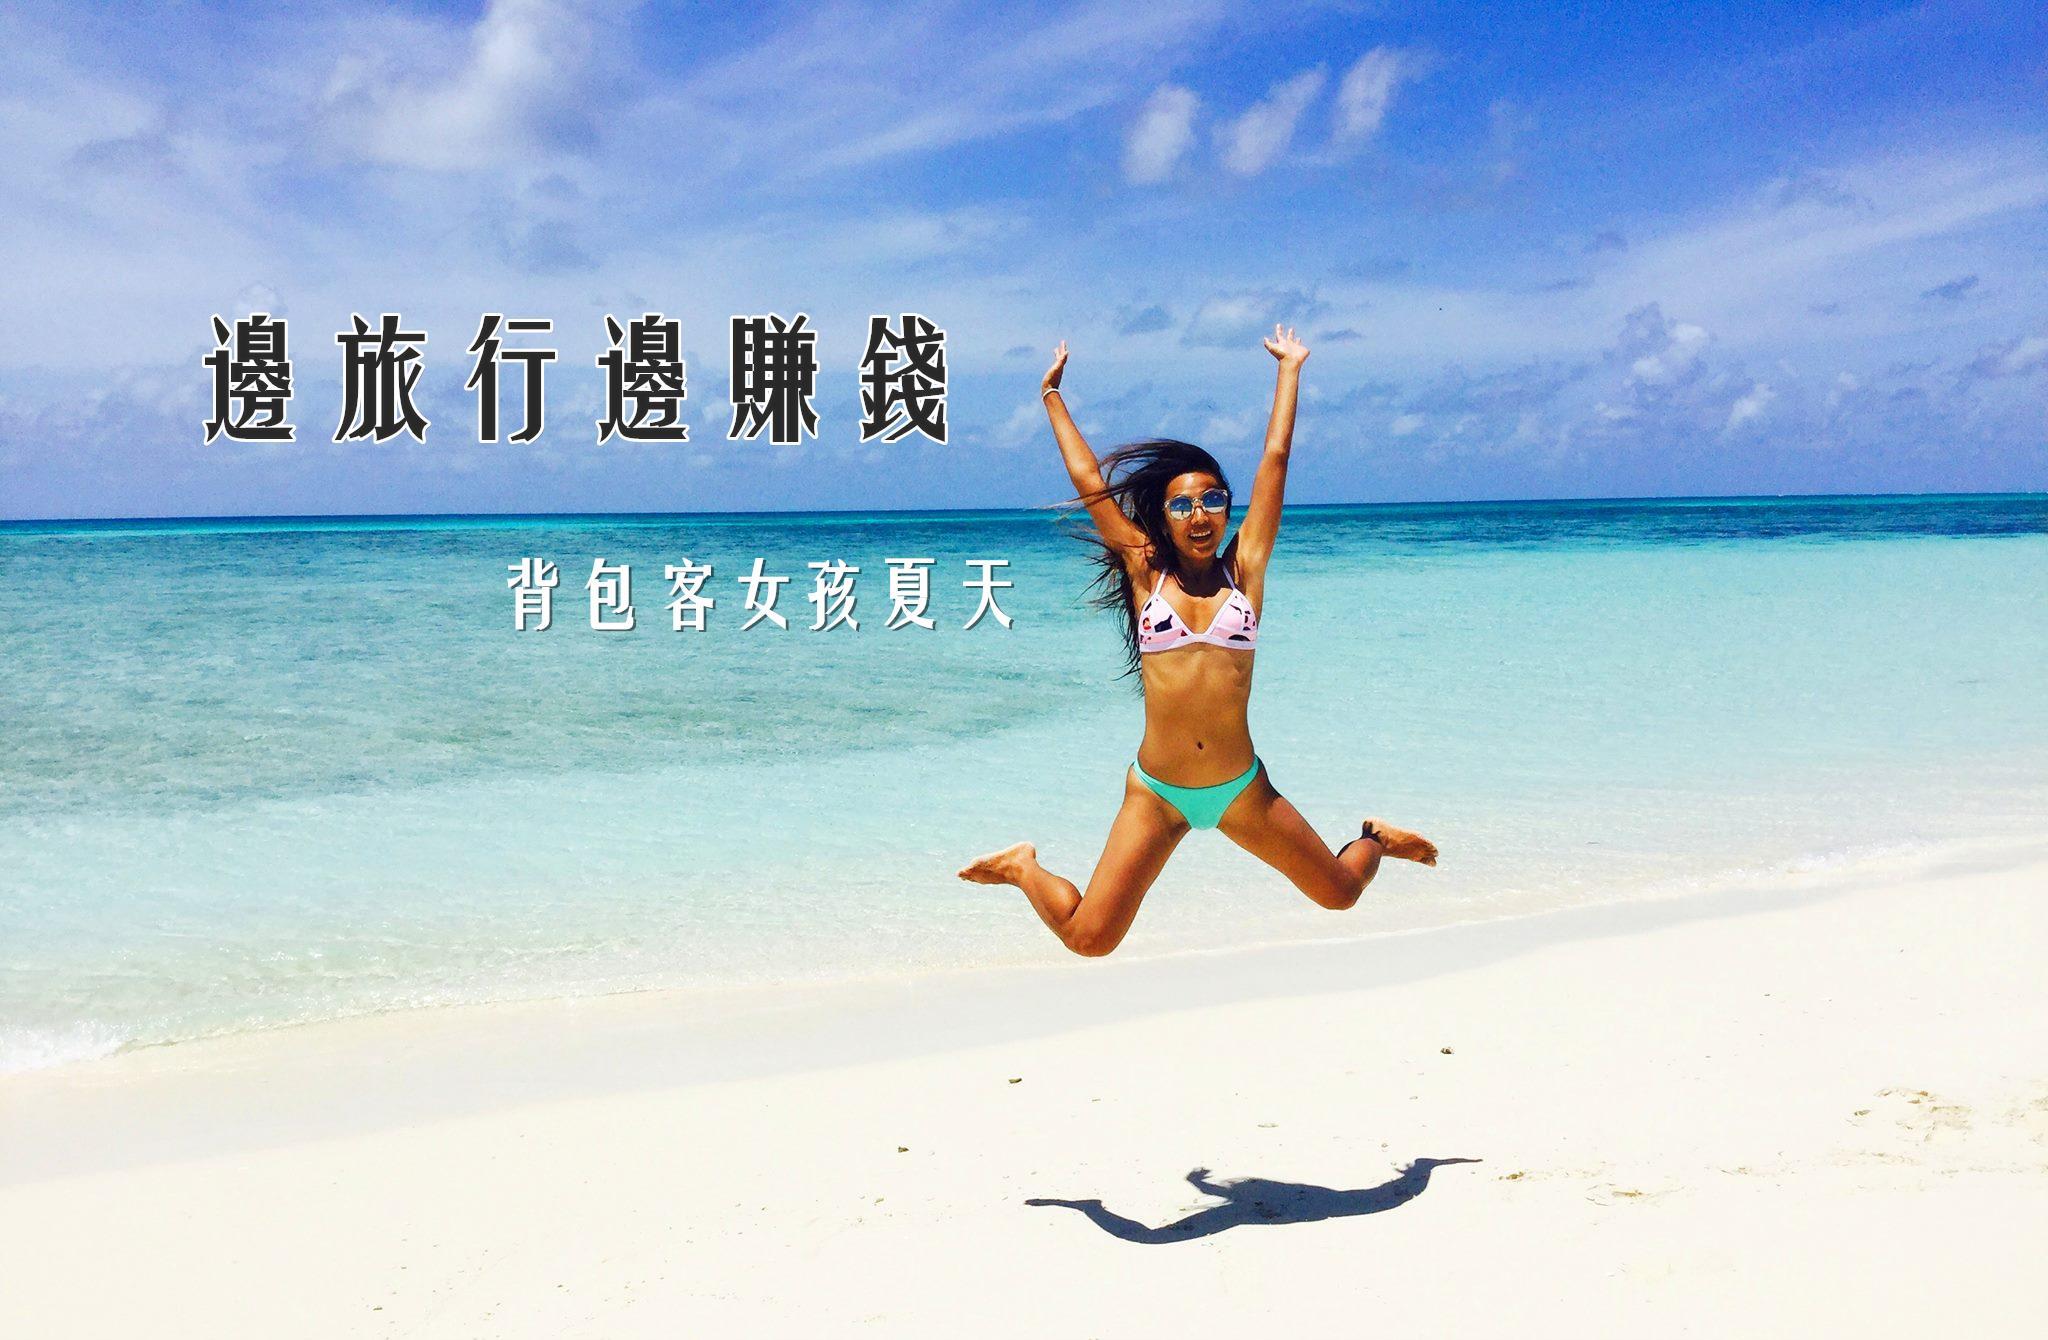 背包客女孩夏天 - 教 你 成 為 旅 遊 部 落 客 自 助 達 人